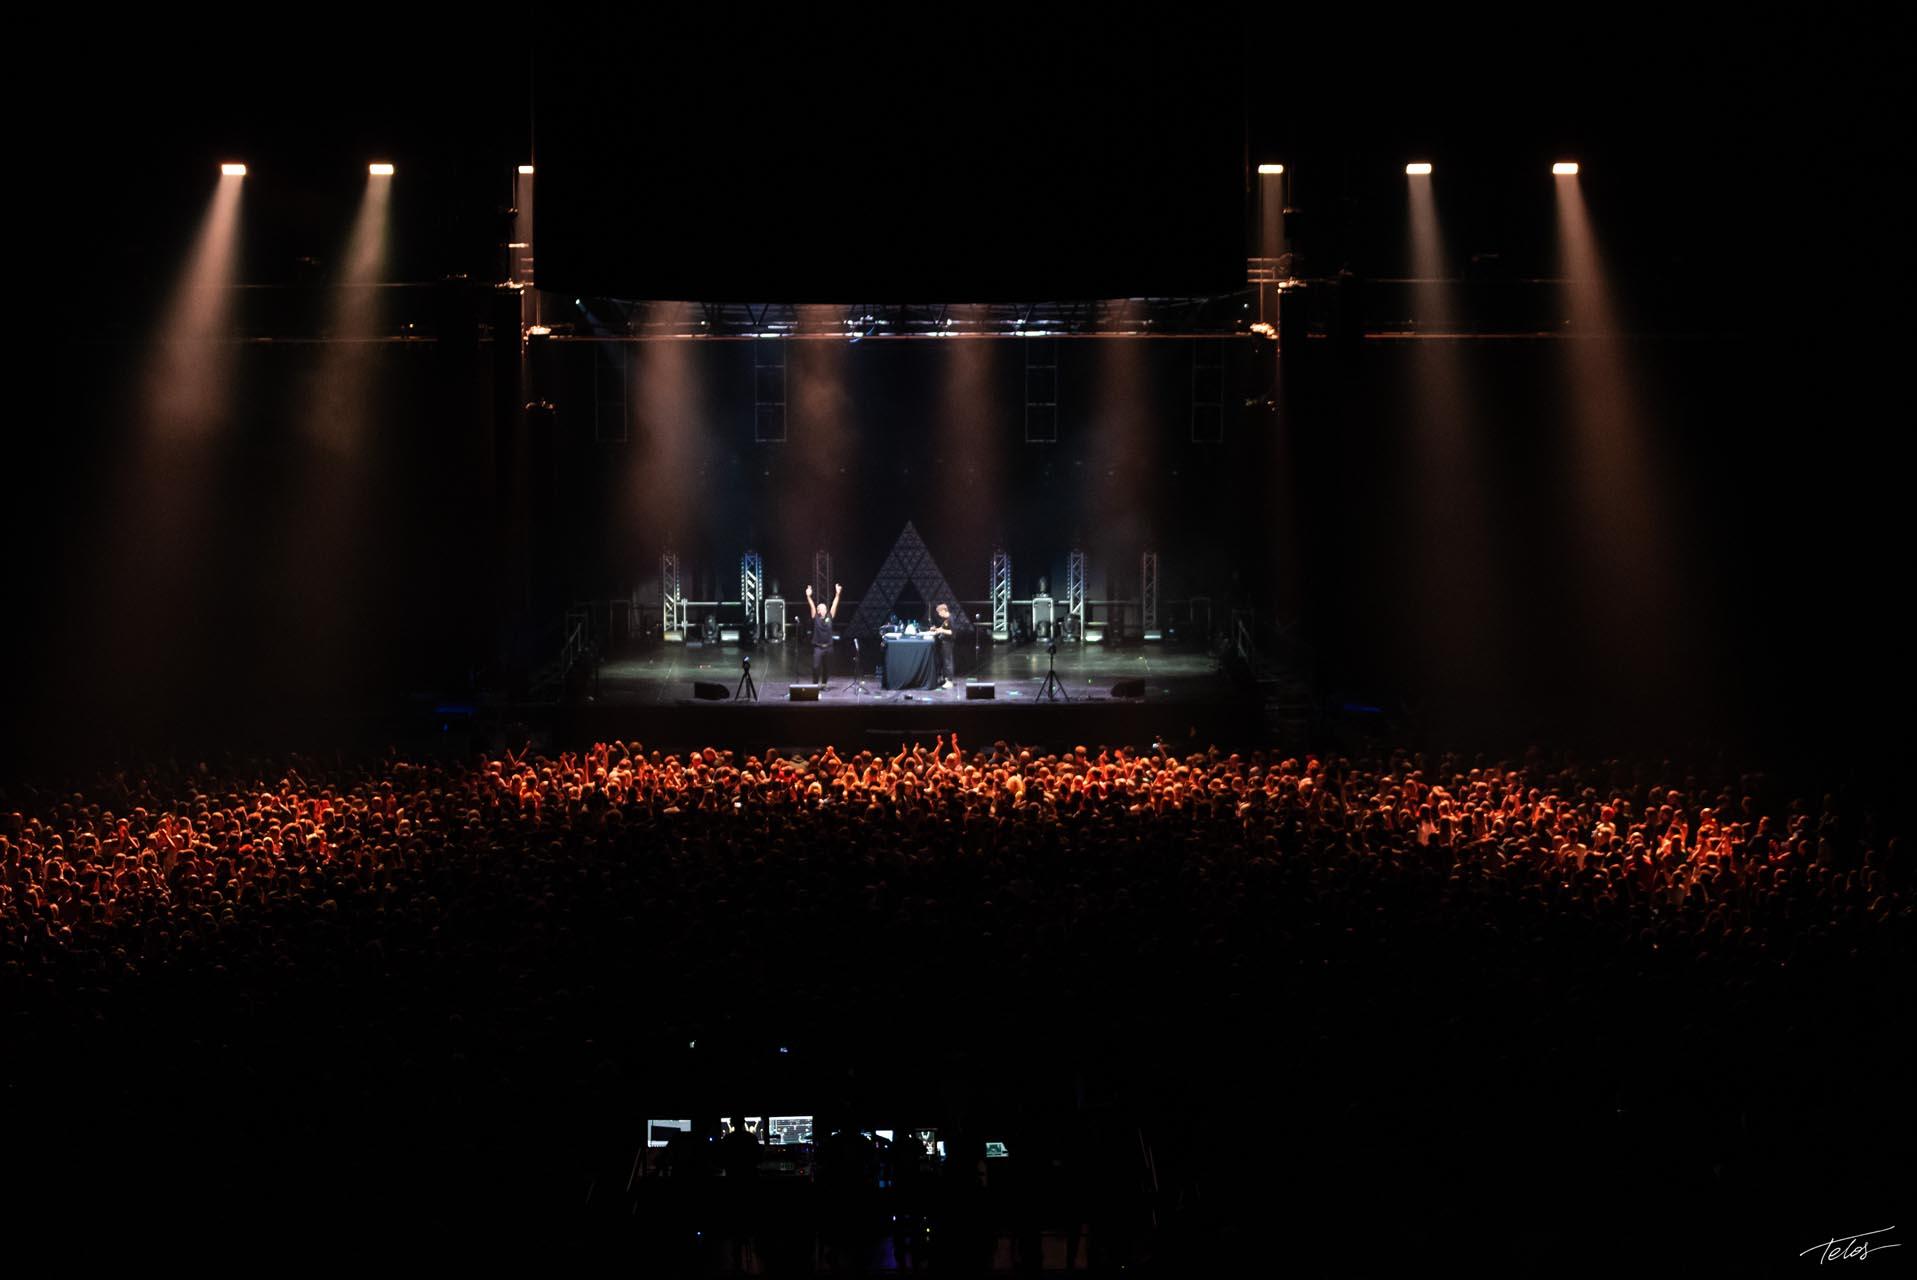 Koncert Bass Astral X Igo w Gliwicach 25 października 2019